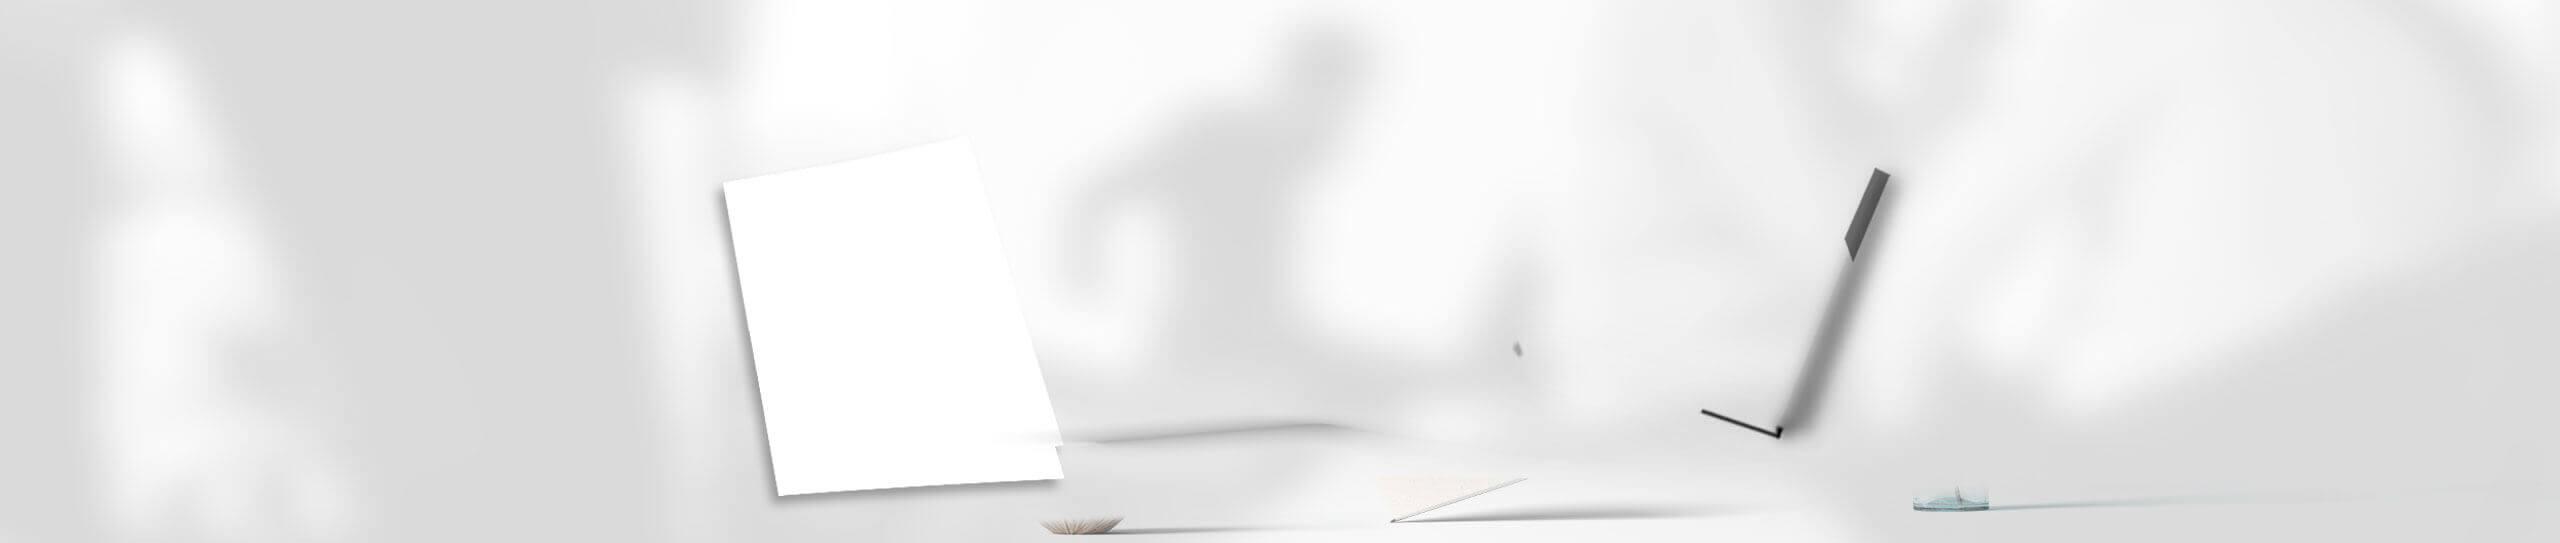 din-a4-flyer designen lassen